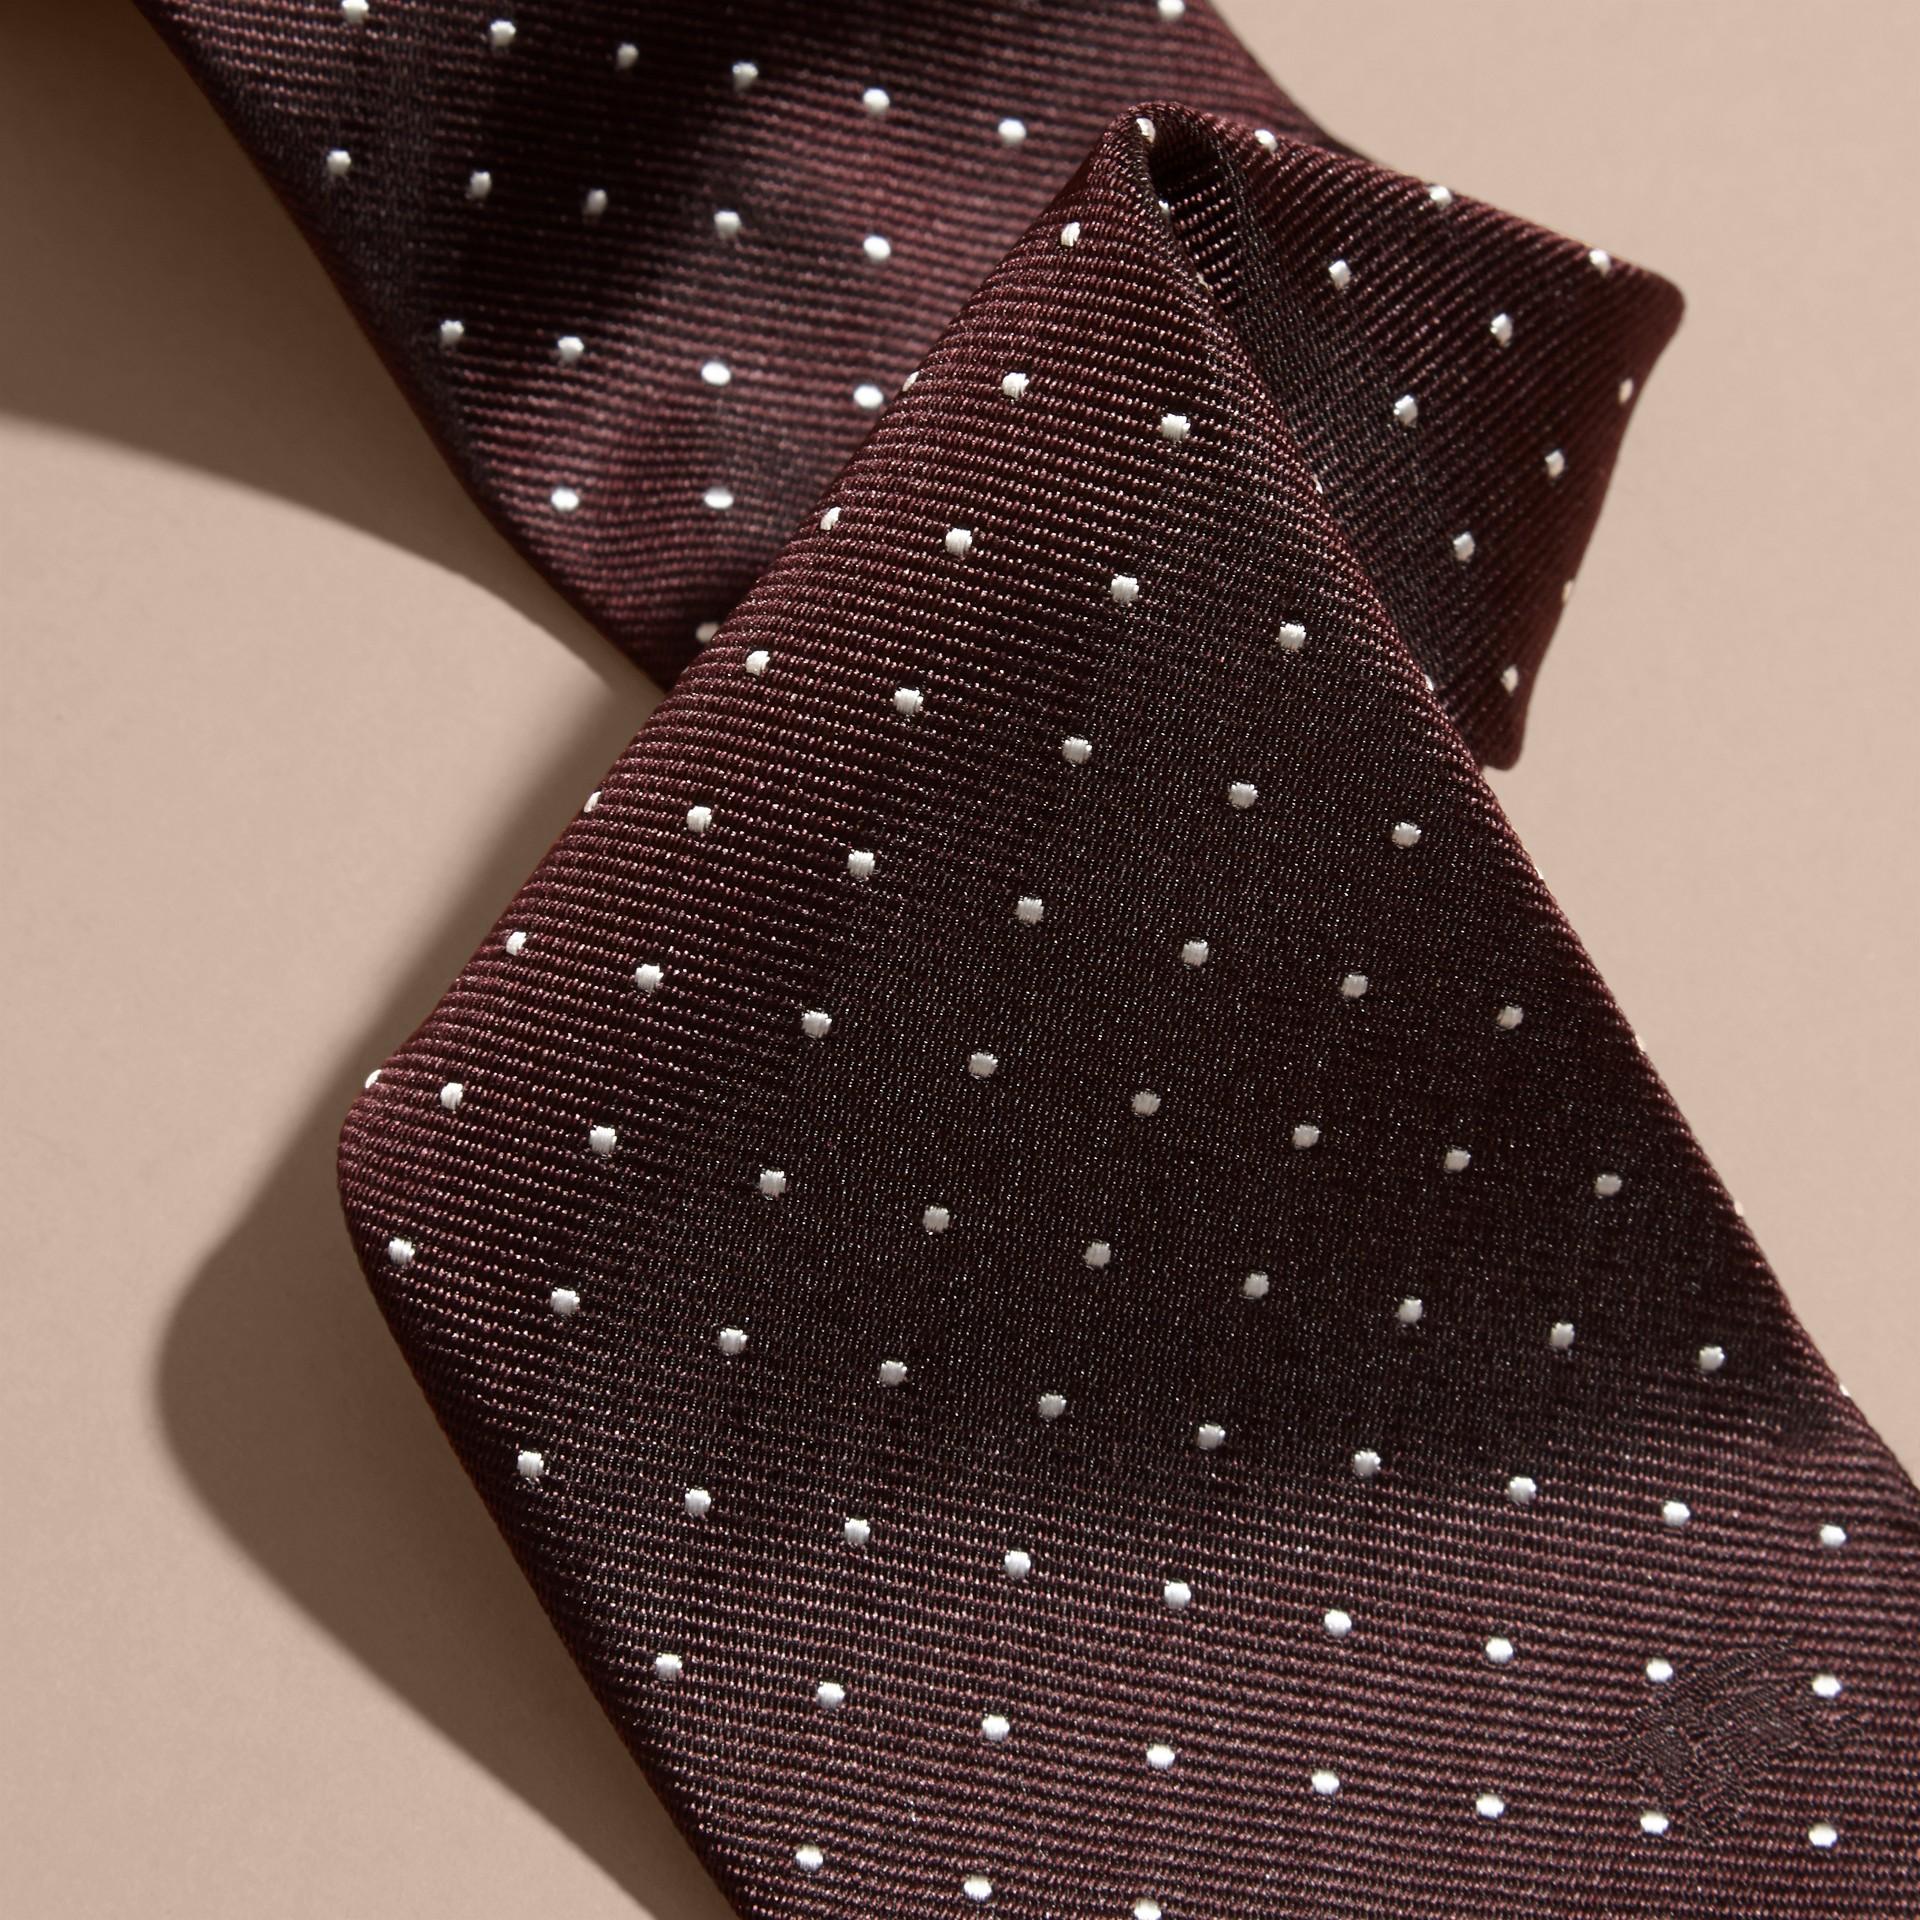 Vermelho claret Gravata de sarja de seda com estampa de poás e corte moderno - galeria de imagens 2